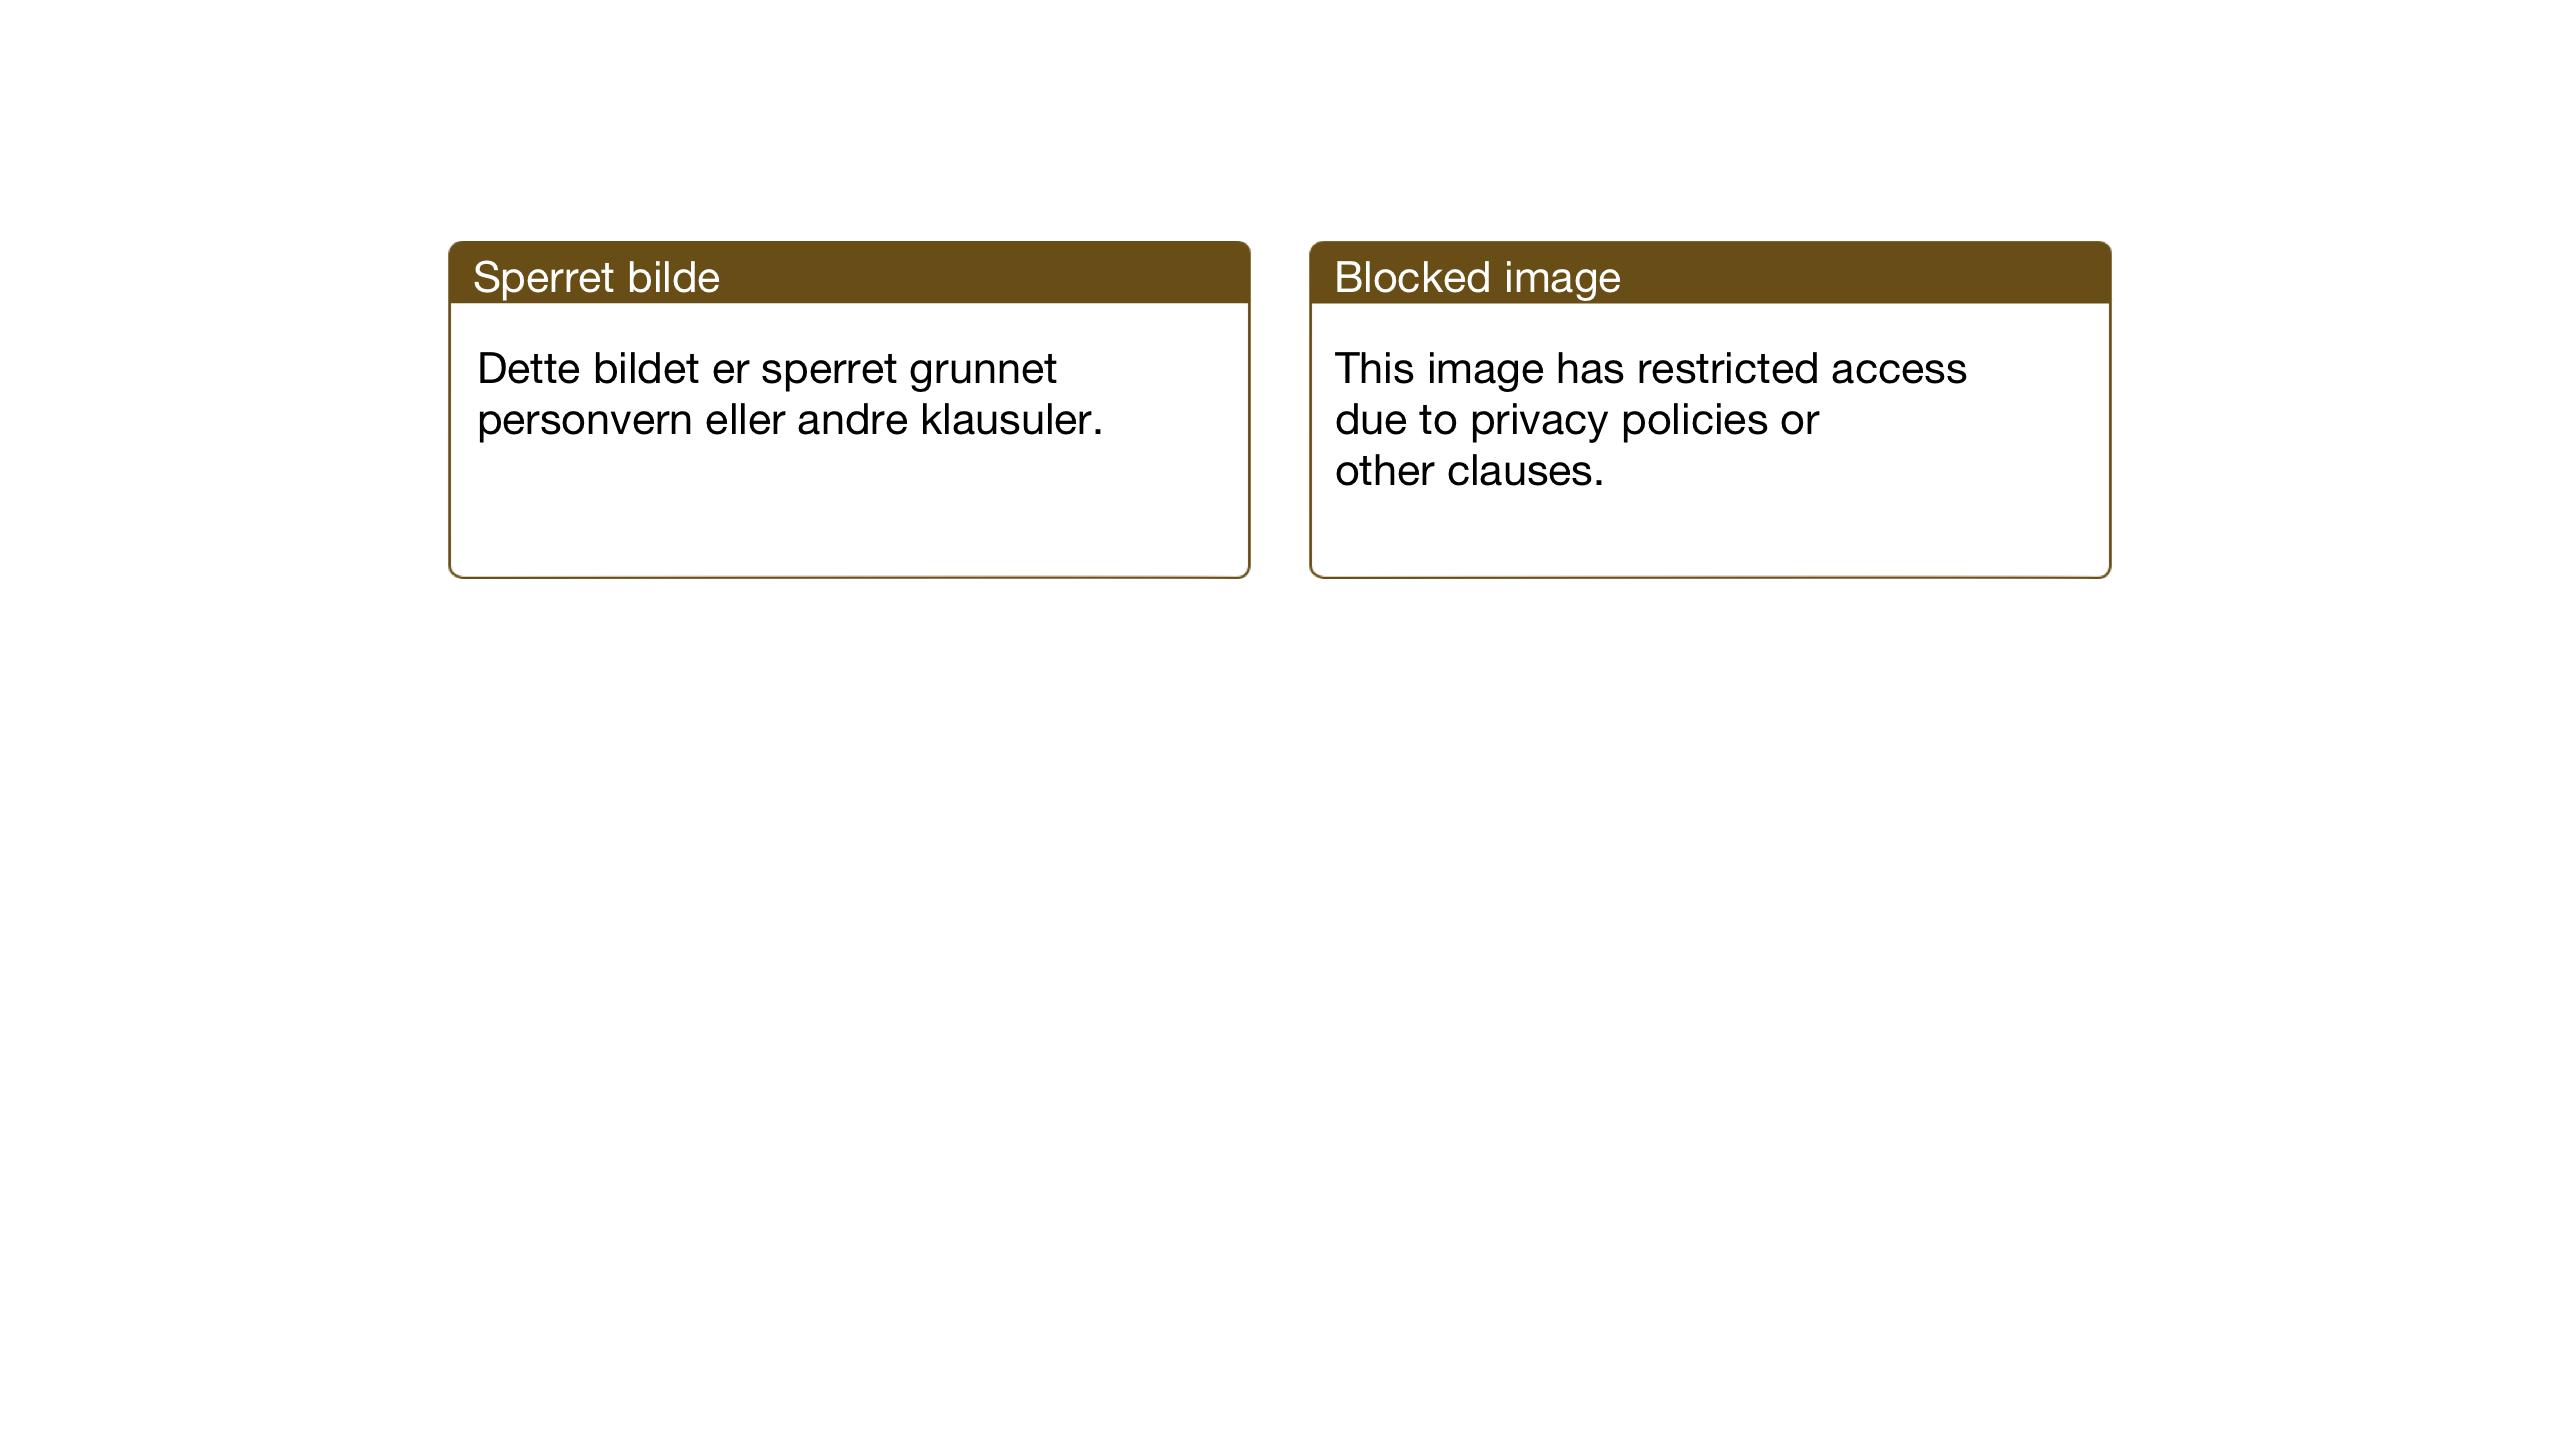 SAT, Ministerialprotokoller, klokkerbøker og fødselsregistre - Sør-Trøndelag, 657/L0718: Klokkerbok nr. 657C05, 1923-1948, s. 205